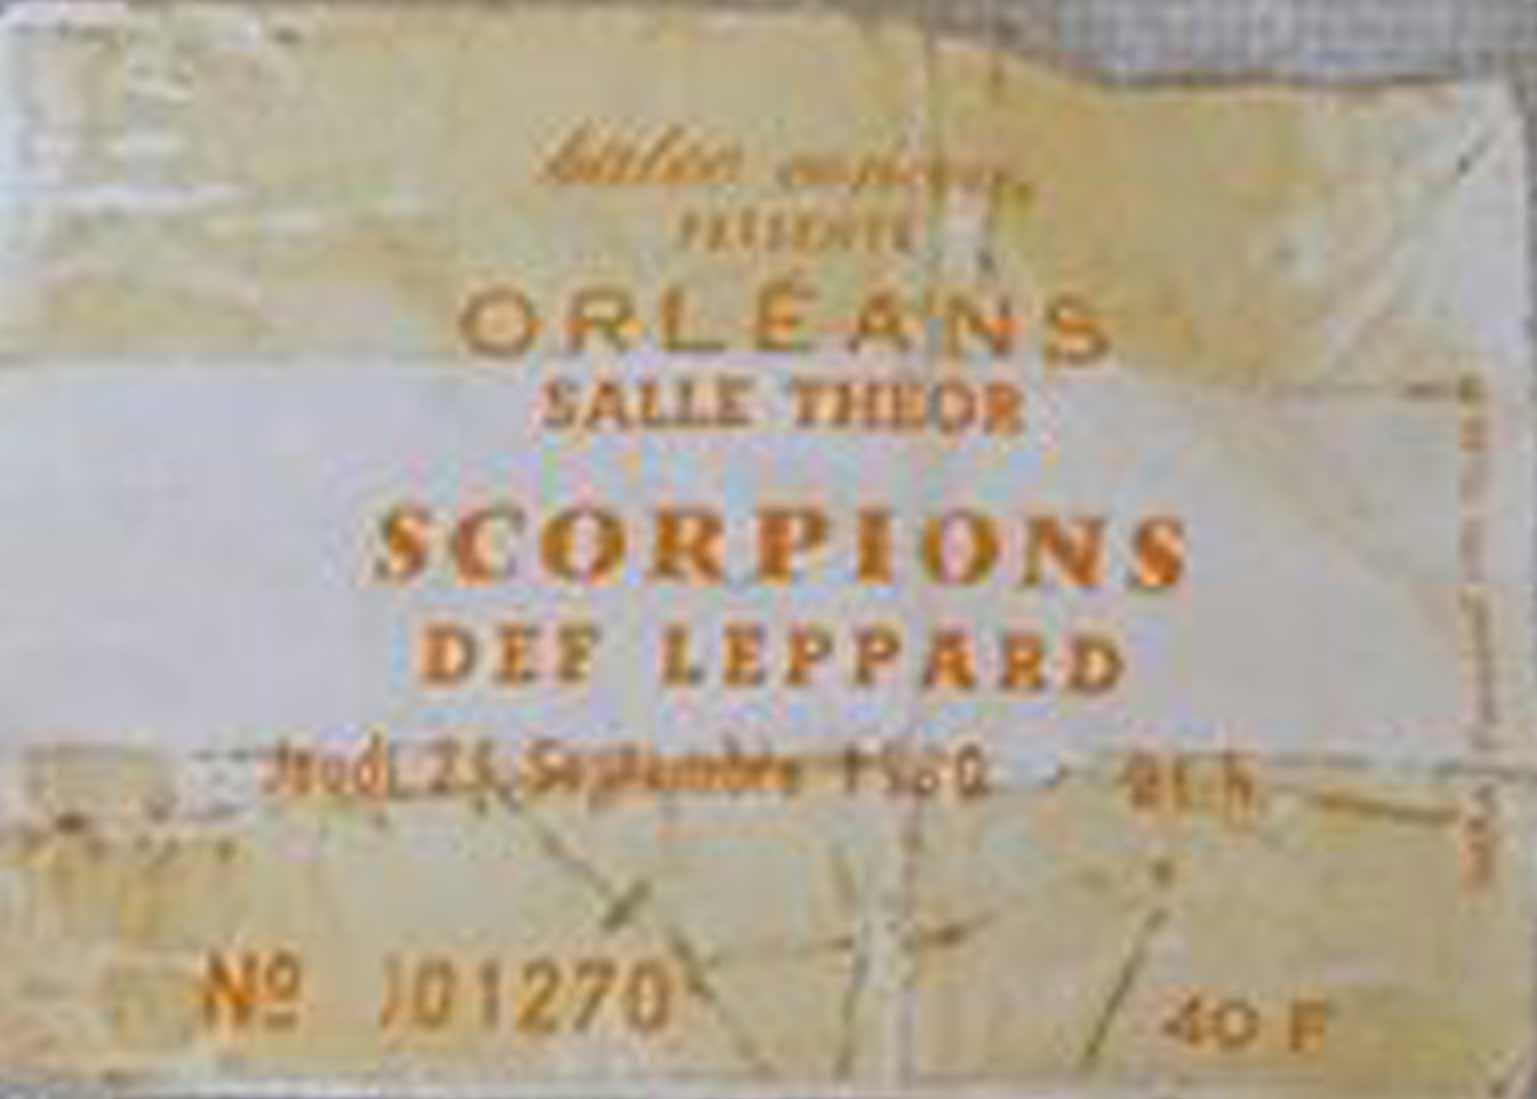 """25 Septembre 1980 Scorpions, Def Leppard à Orléans """"Parc des Expositions"""""""